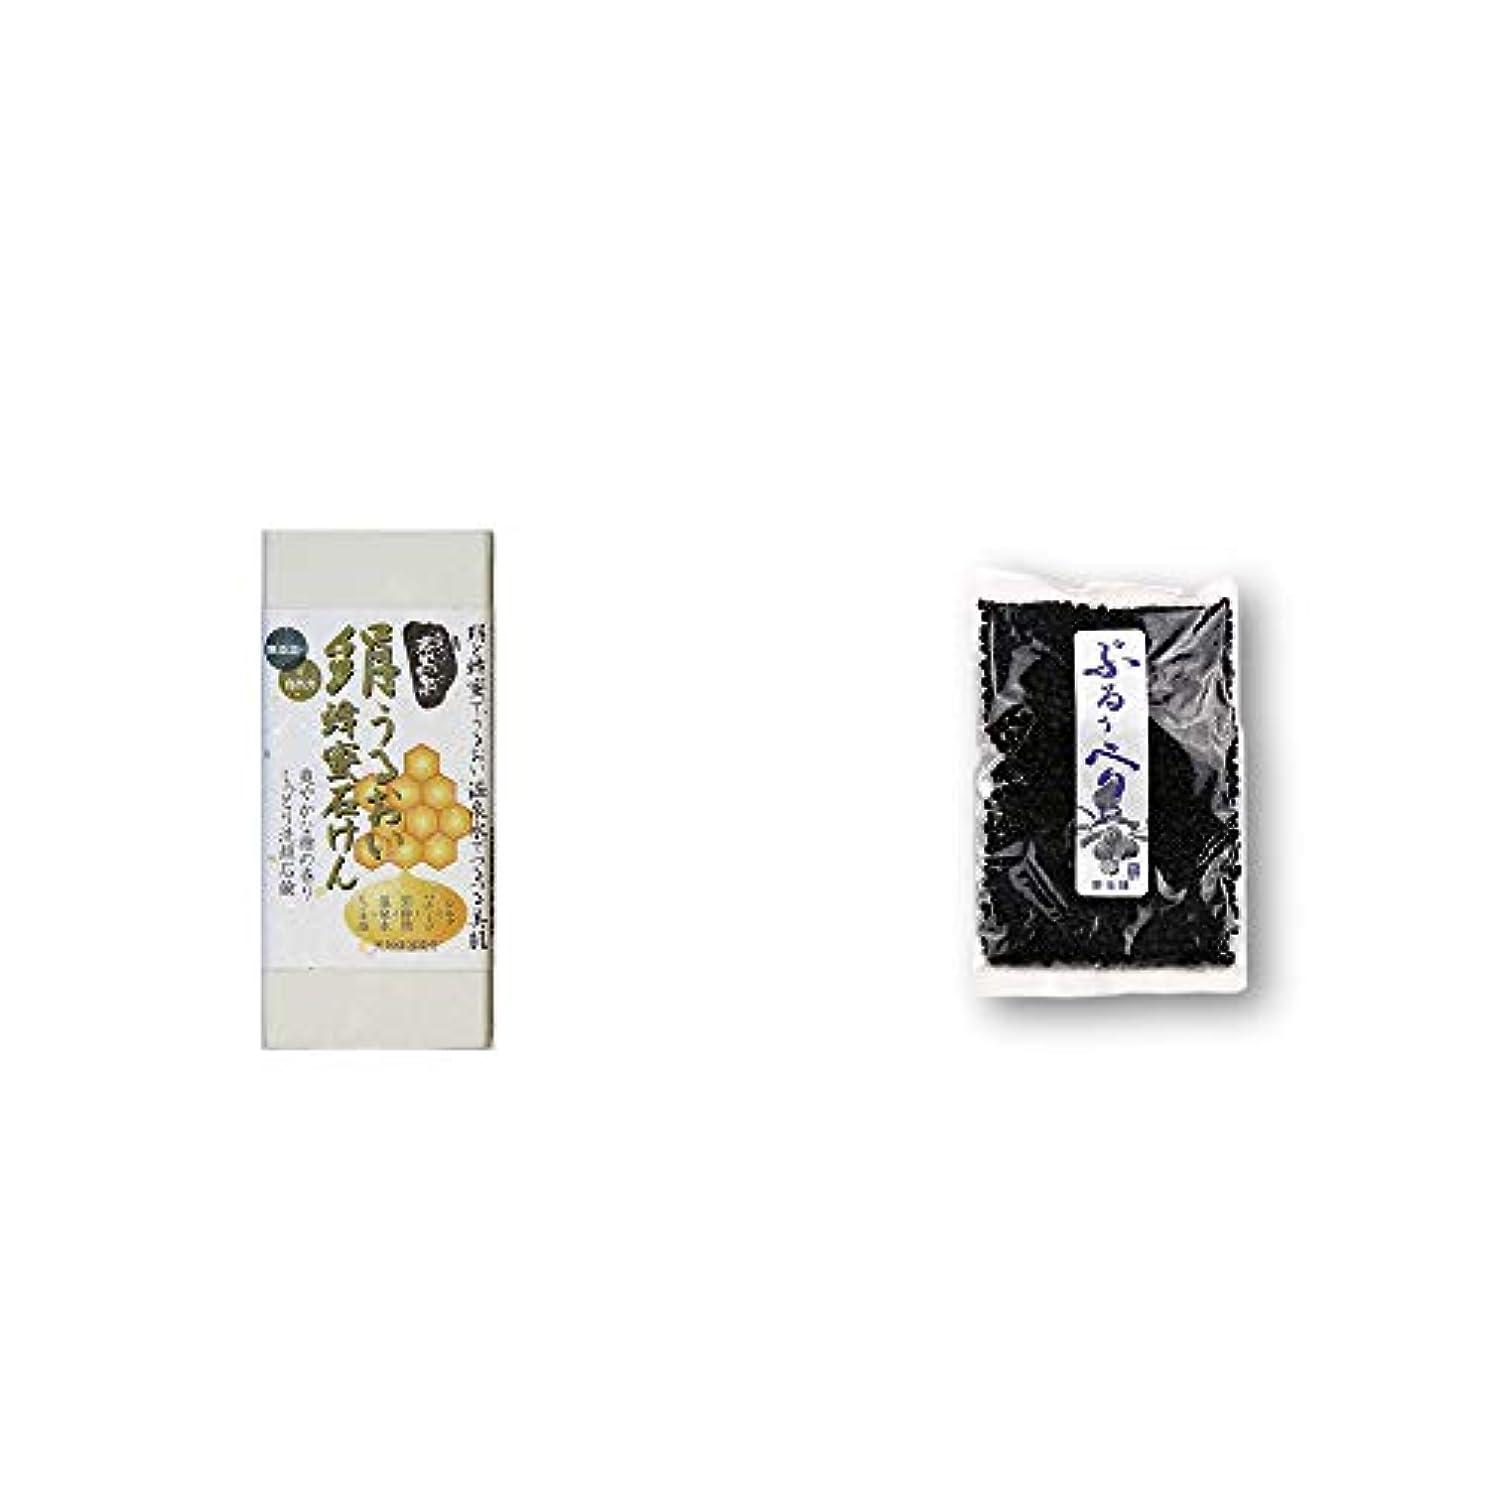 予備背骨コーンウォール[2点セット] ひのき炭黒泉 絹うるおい蜂蜜石けん(75g×2)?野生種ぶるぅべりぃ(260g)